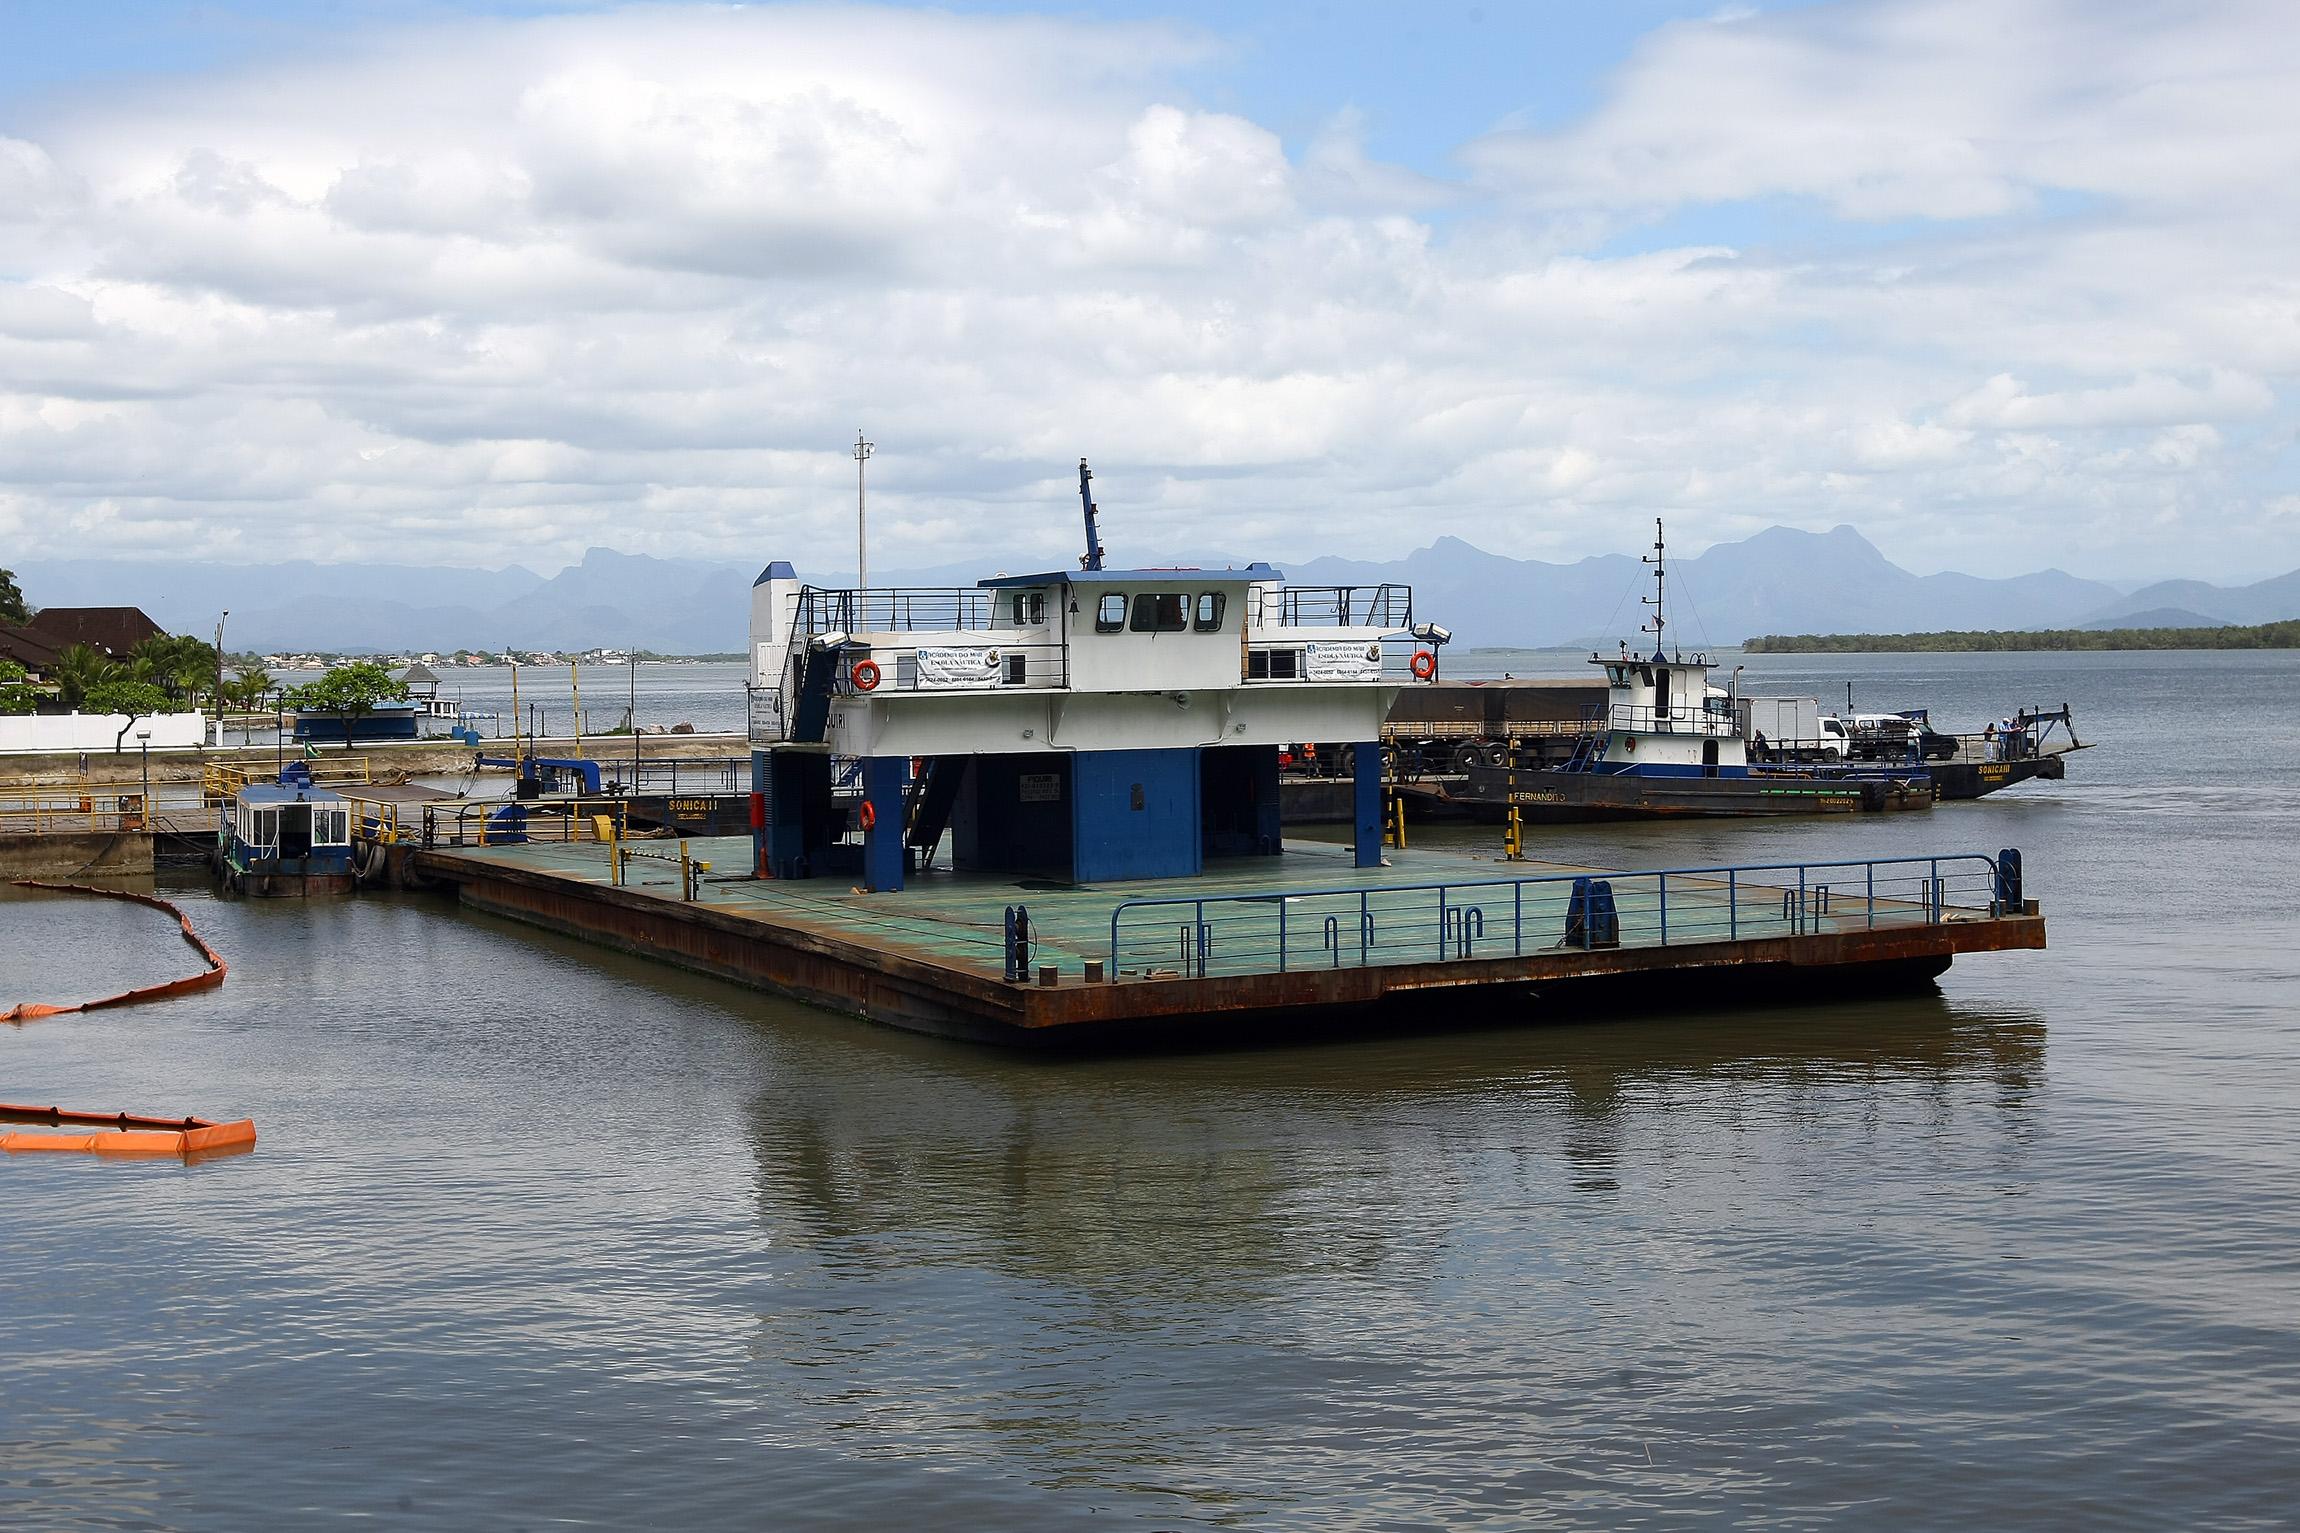 ENQUETE: Qual a sua opinião sobre a qualidade do serviço da balsa na Ilha dos Valadares e em Guaratuba?